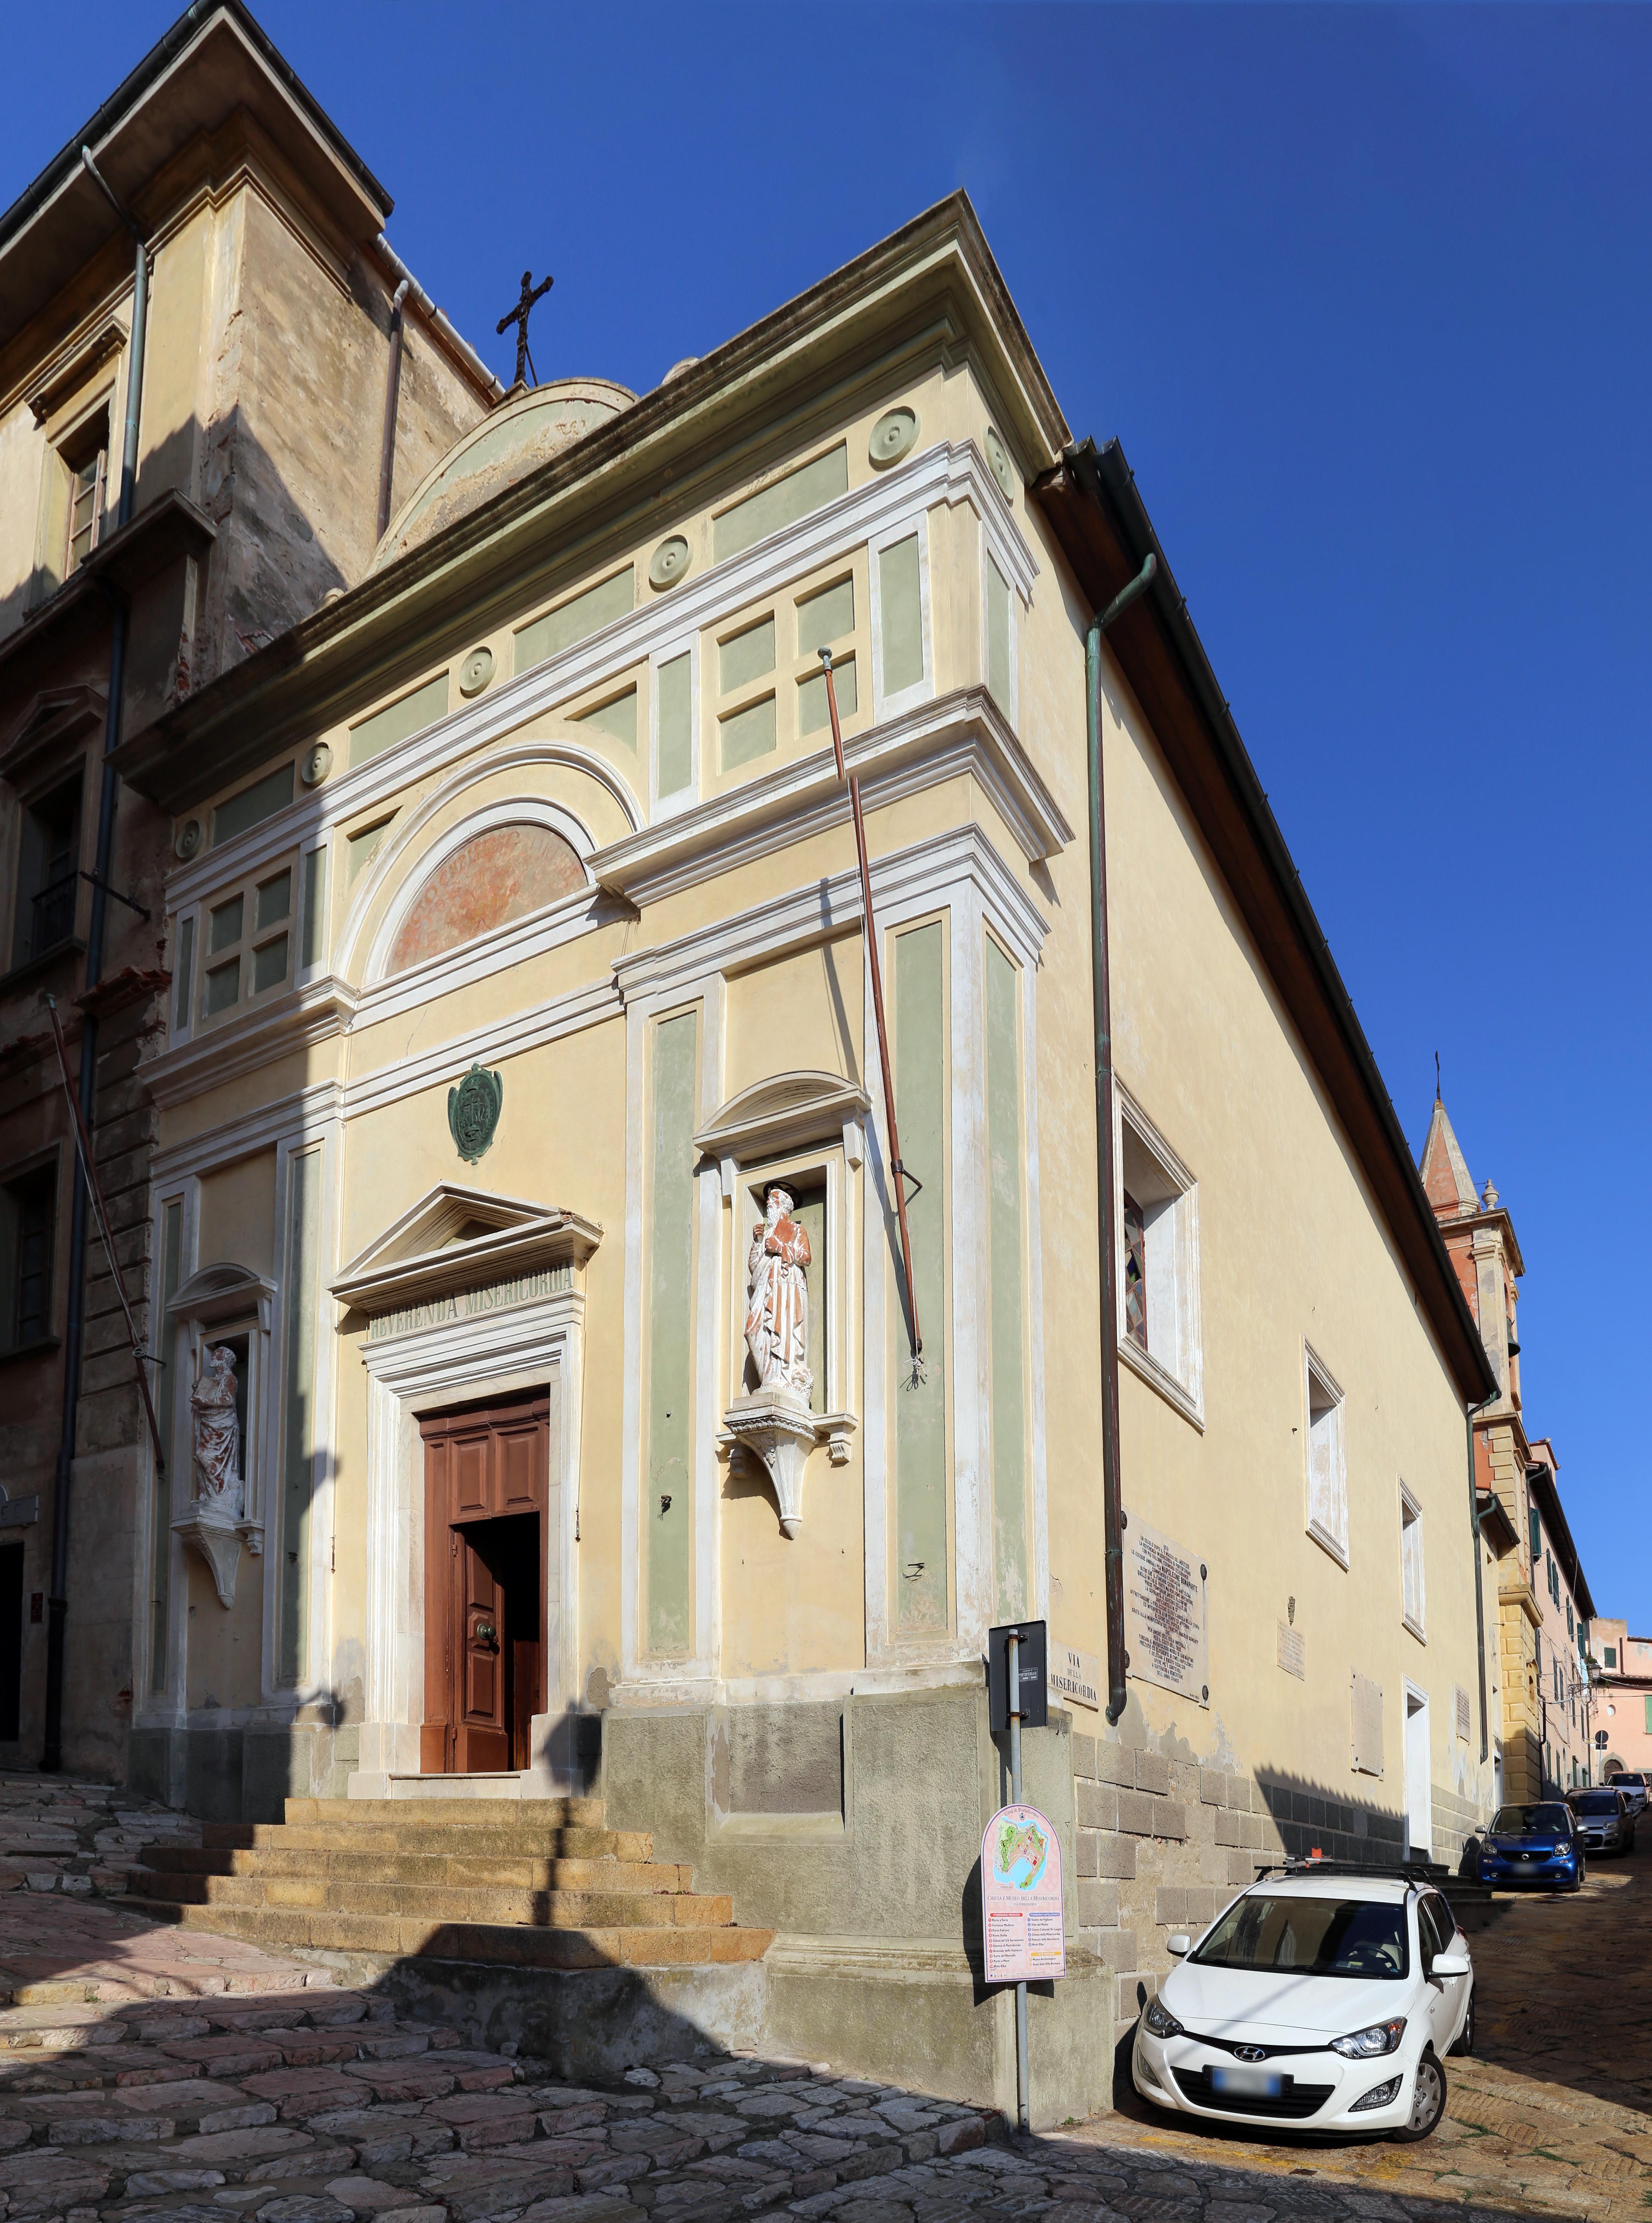 Tappezzeria Trompe L Oeil portoferraio - wikivoyage, guida turistica di viaggio